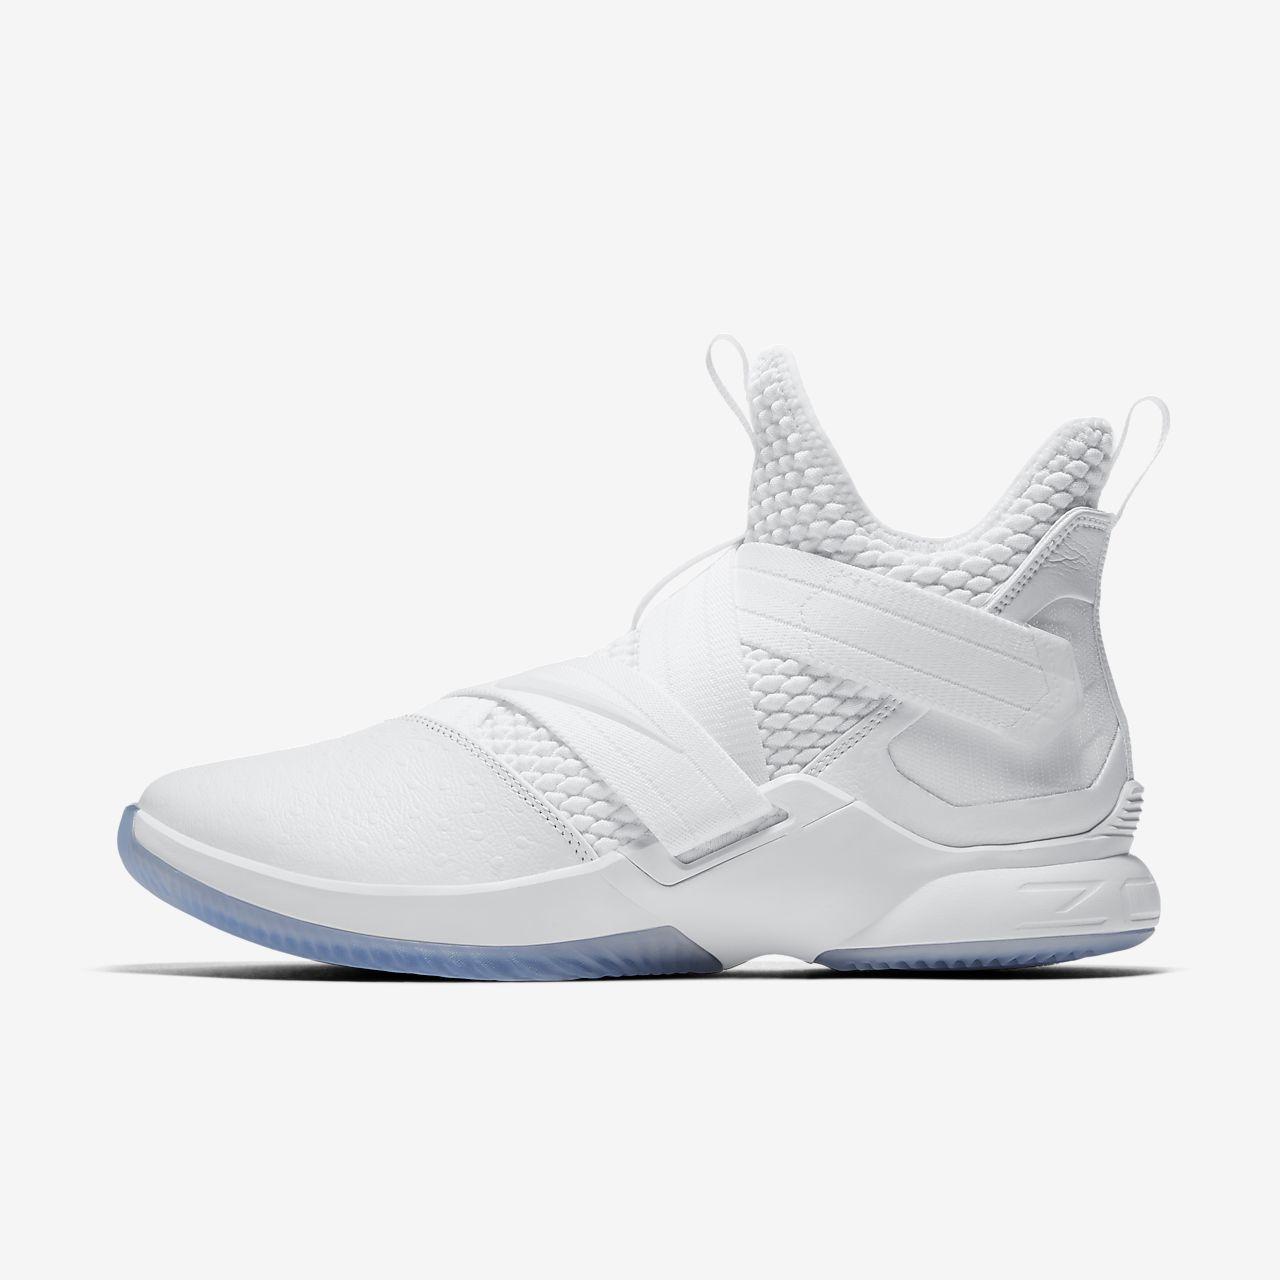 sports shoes 9f912 92a23 Calzado de básquetbol LeBron Soldier 12 SFG. Nike.com CL